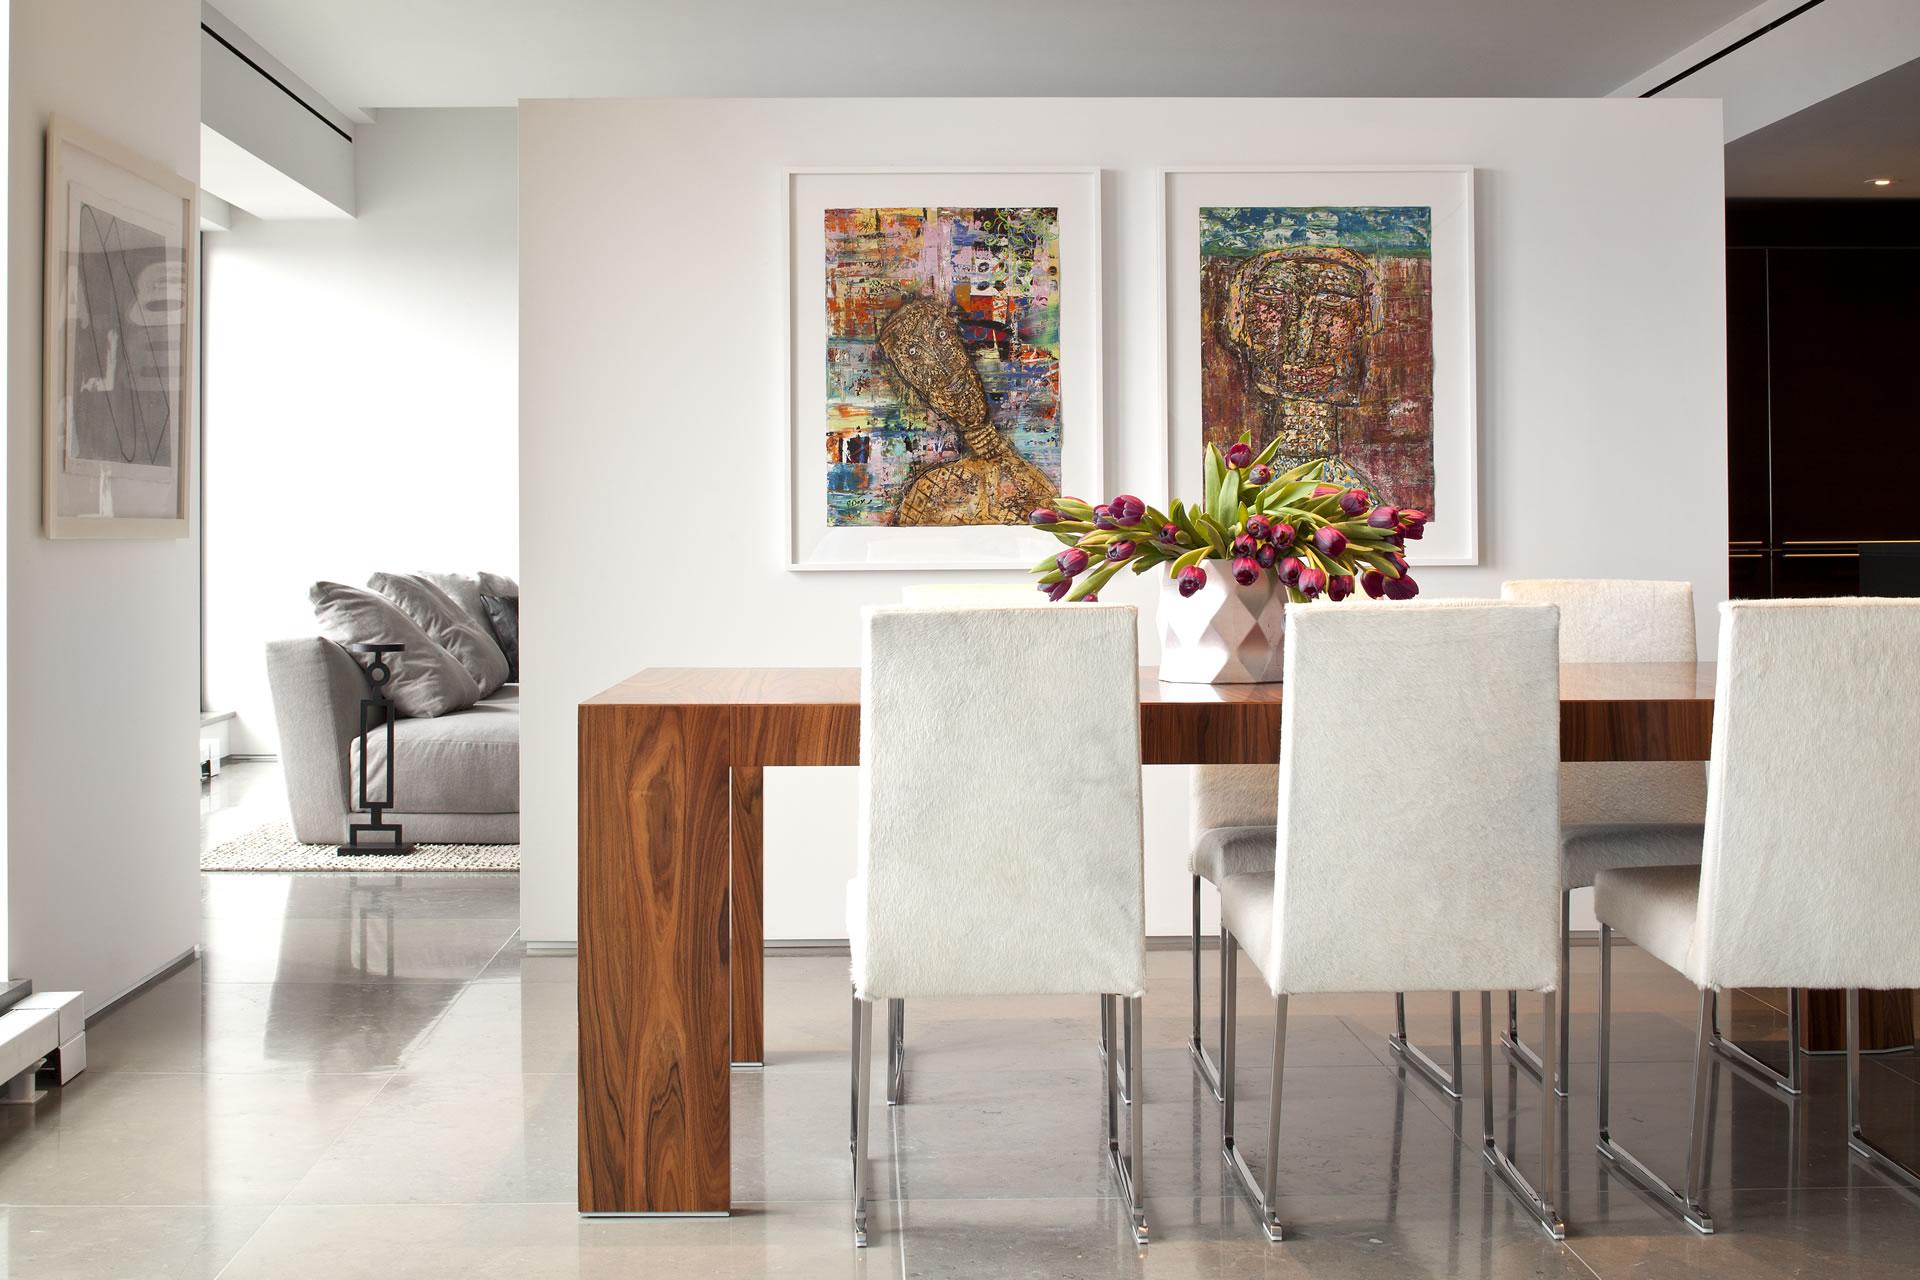 Susan Corson Designs